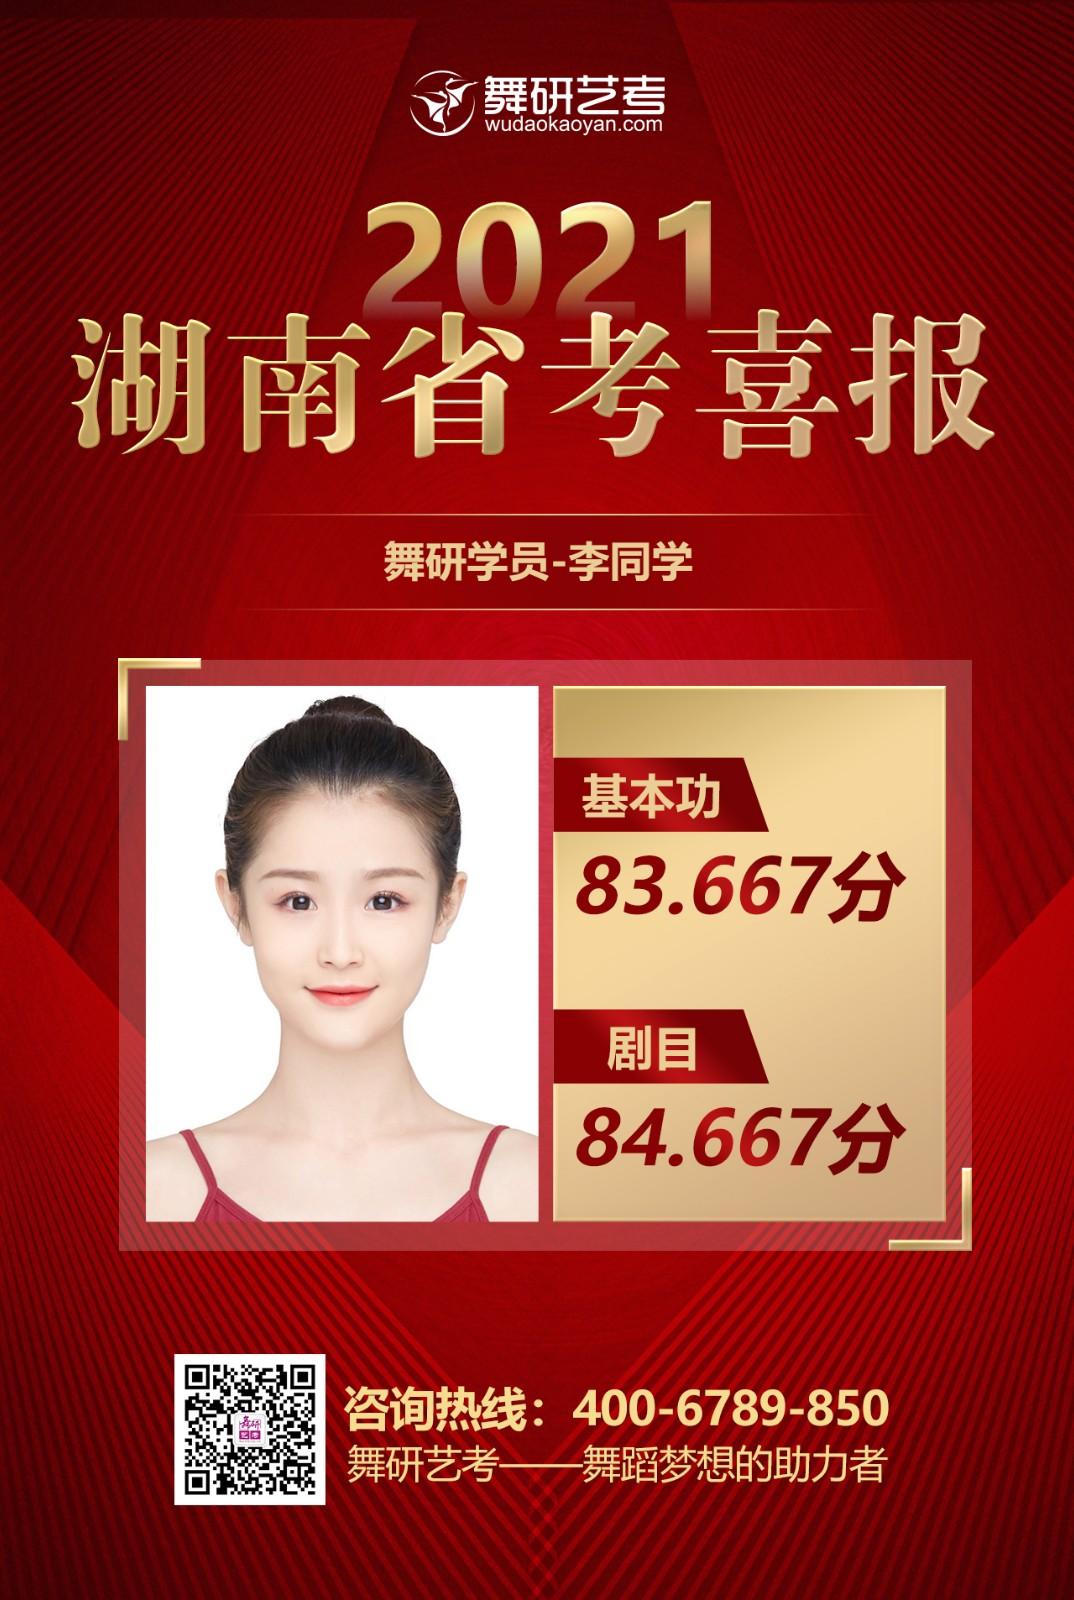 2021年湖南舞蹈省考,舞研艺考再传捷报!全员可高分过线,预计95%一本过线率!